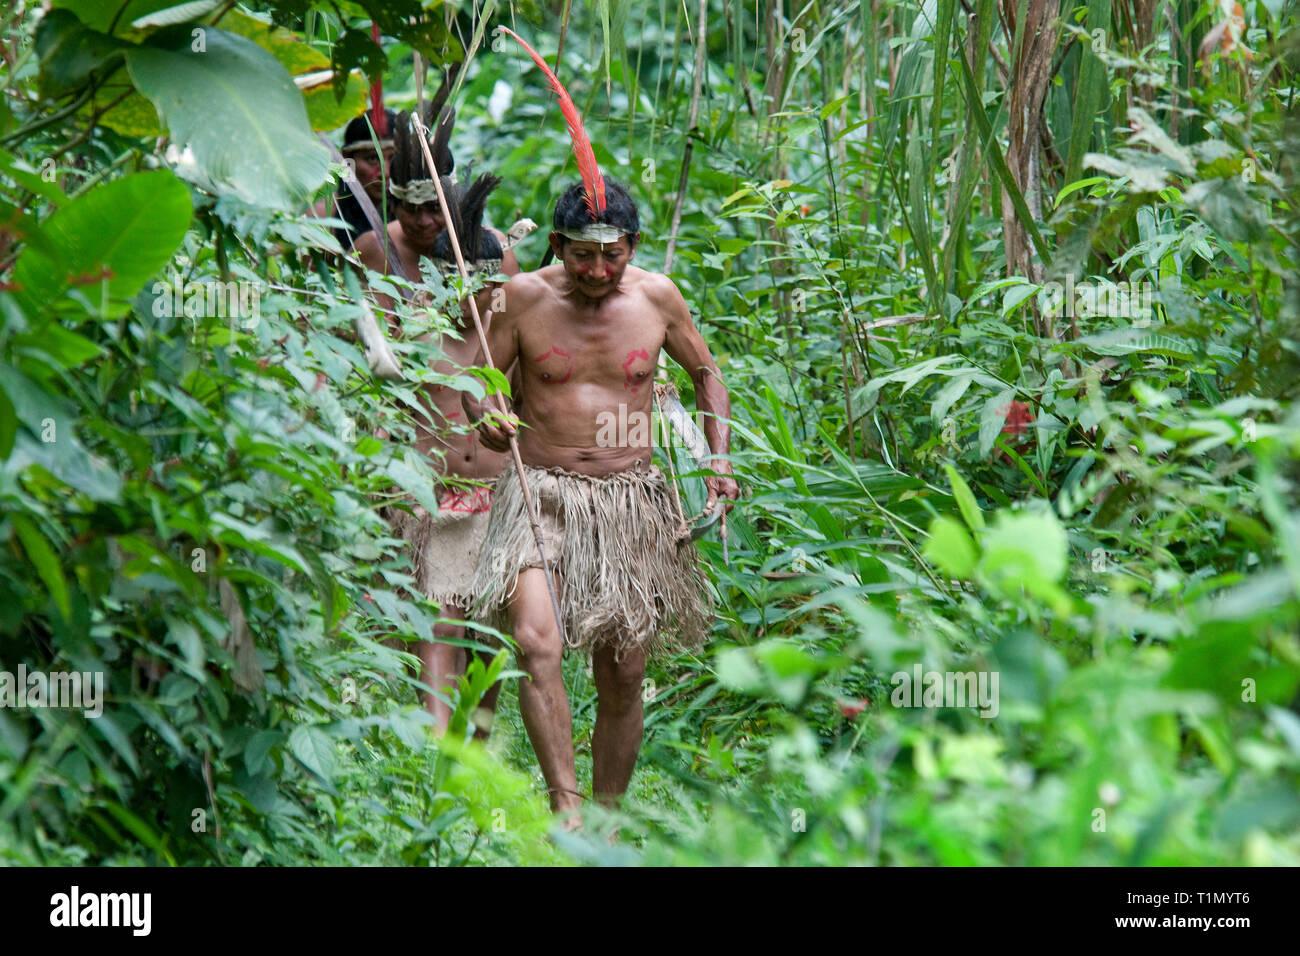 Maleku indiani nativi che mantiene la loro tradizione fino a oggi, Palente Magarita, Costa Rica Immagini Stock